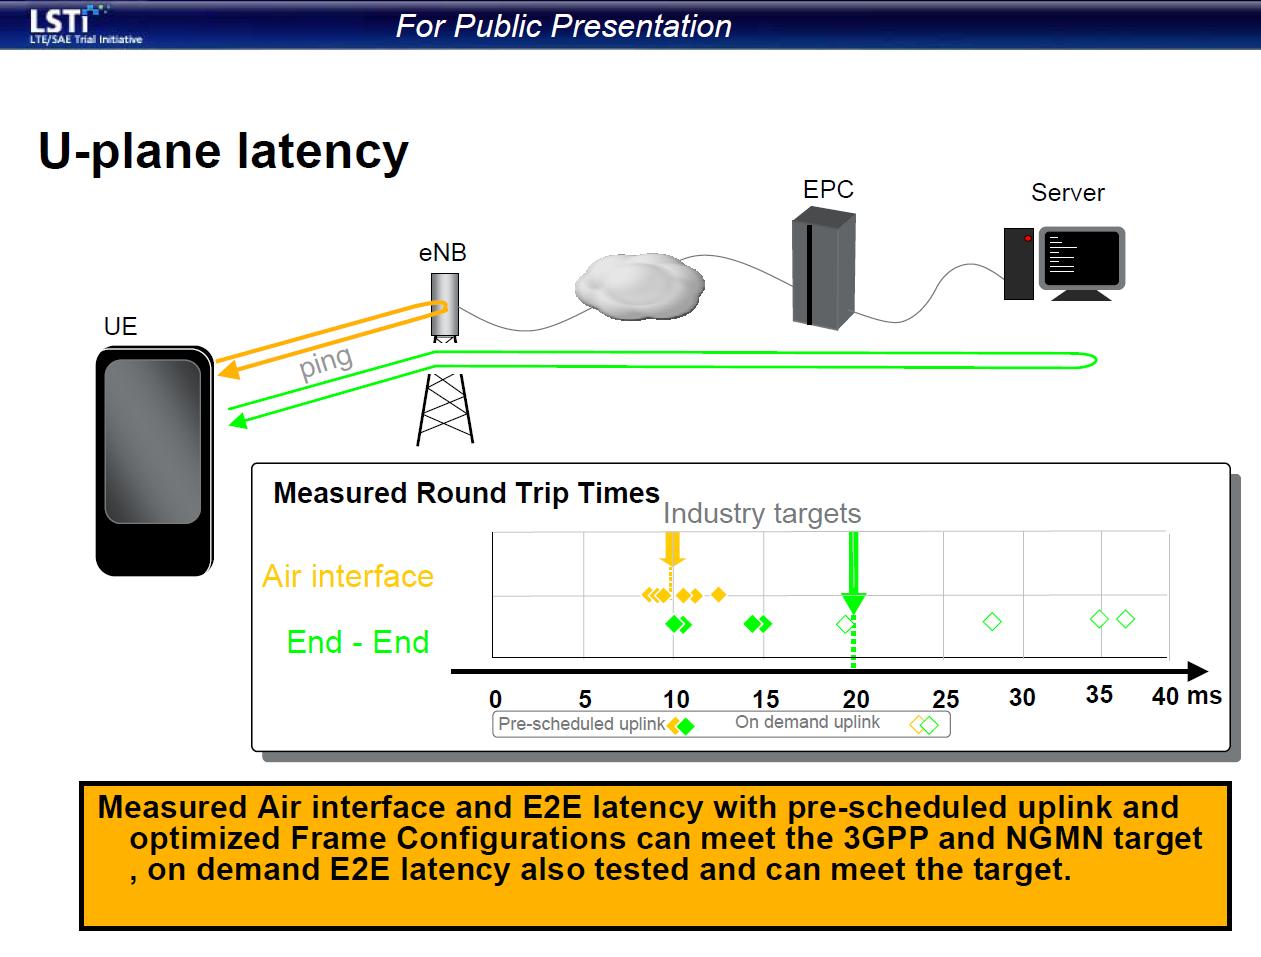 """Die Pingzeit der reinen Luftstrecke vom LTE-Handy zur LTE-Basisstation und wieder zurück kann in optimalen Fällen um die 10 Millisekunden liegen. Die komplette Rundreisezeit eines Datenpaketes vom Endgerät zu einem entfernten Server im Internet und wieder zurück zum Endgerät kann im besten Falle bei 20 Millisekunden liegen (Grafik: LSTI-Forum). <br> <a href=\""""http://www.zdnet.de/88132147/lte-warum-kommen-keine-100-mbits-einflussfaktoren-der-4g-surfgeschwindigkeit/\"""" title=\""""Zum Artikel: LTE: Warum kommen keine 100 Megabit/s?\"""">Zum Artikel: LTE: Warum kommen keine 100 Megabit/s?</a>"""